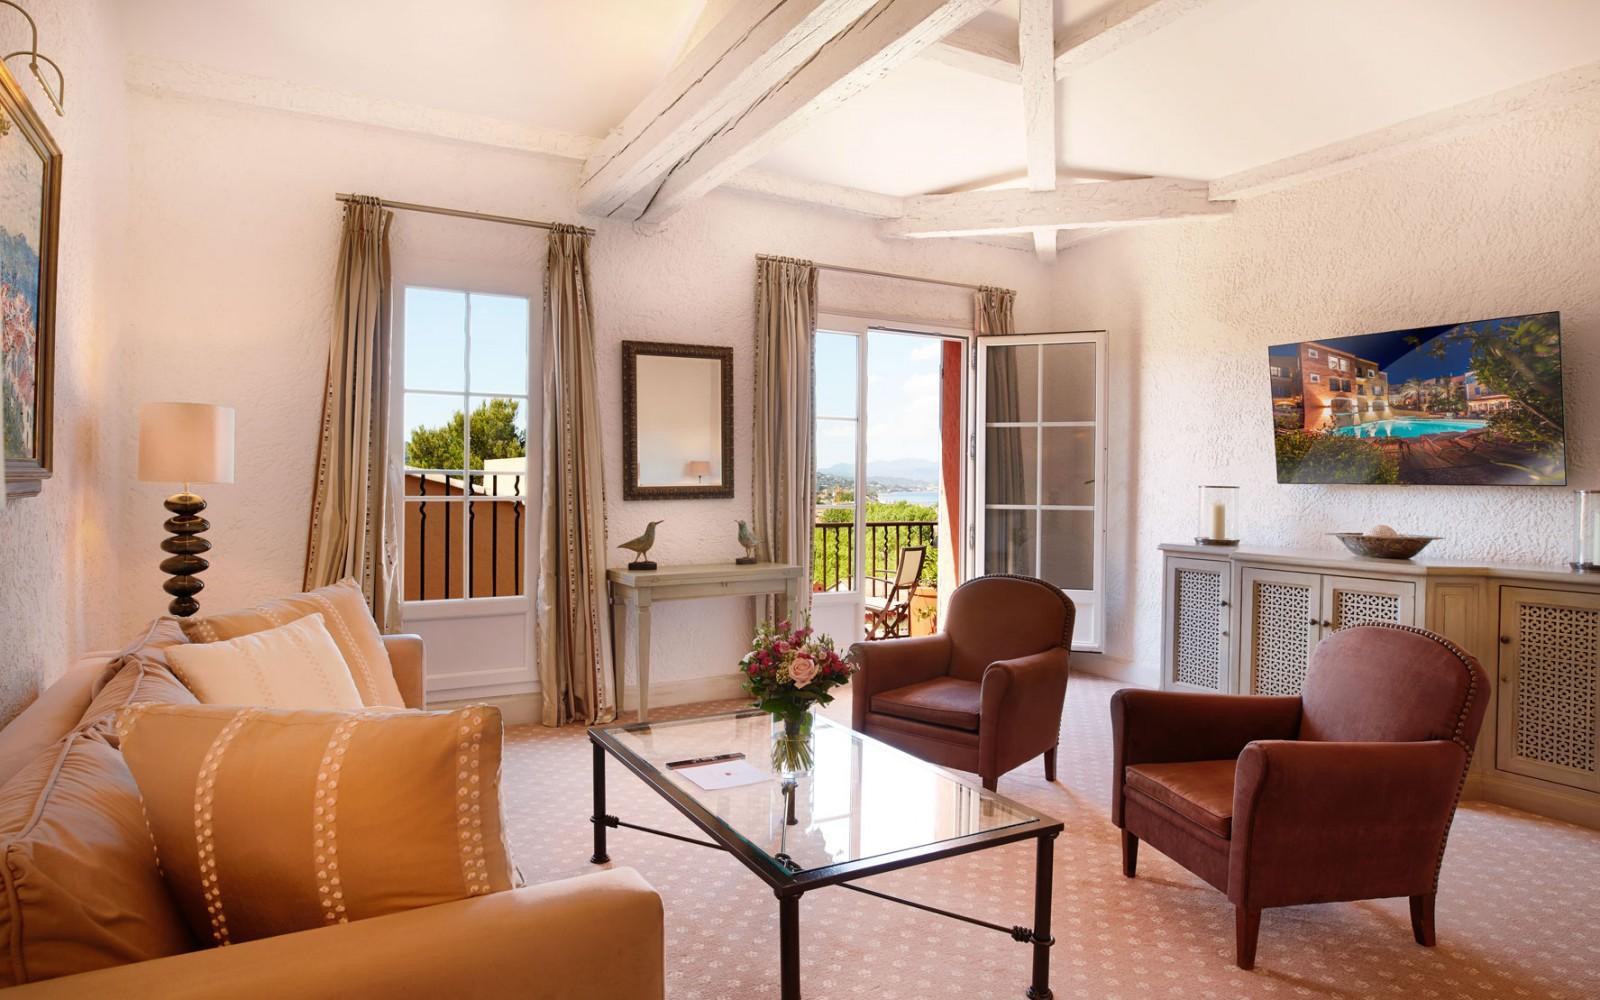 Hotel_Byblos_Saint-Tropez_Suite-Deluxe-606-3